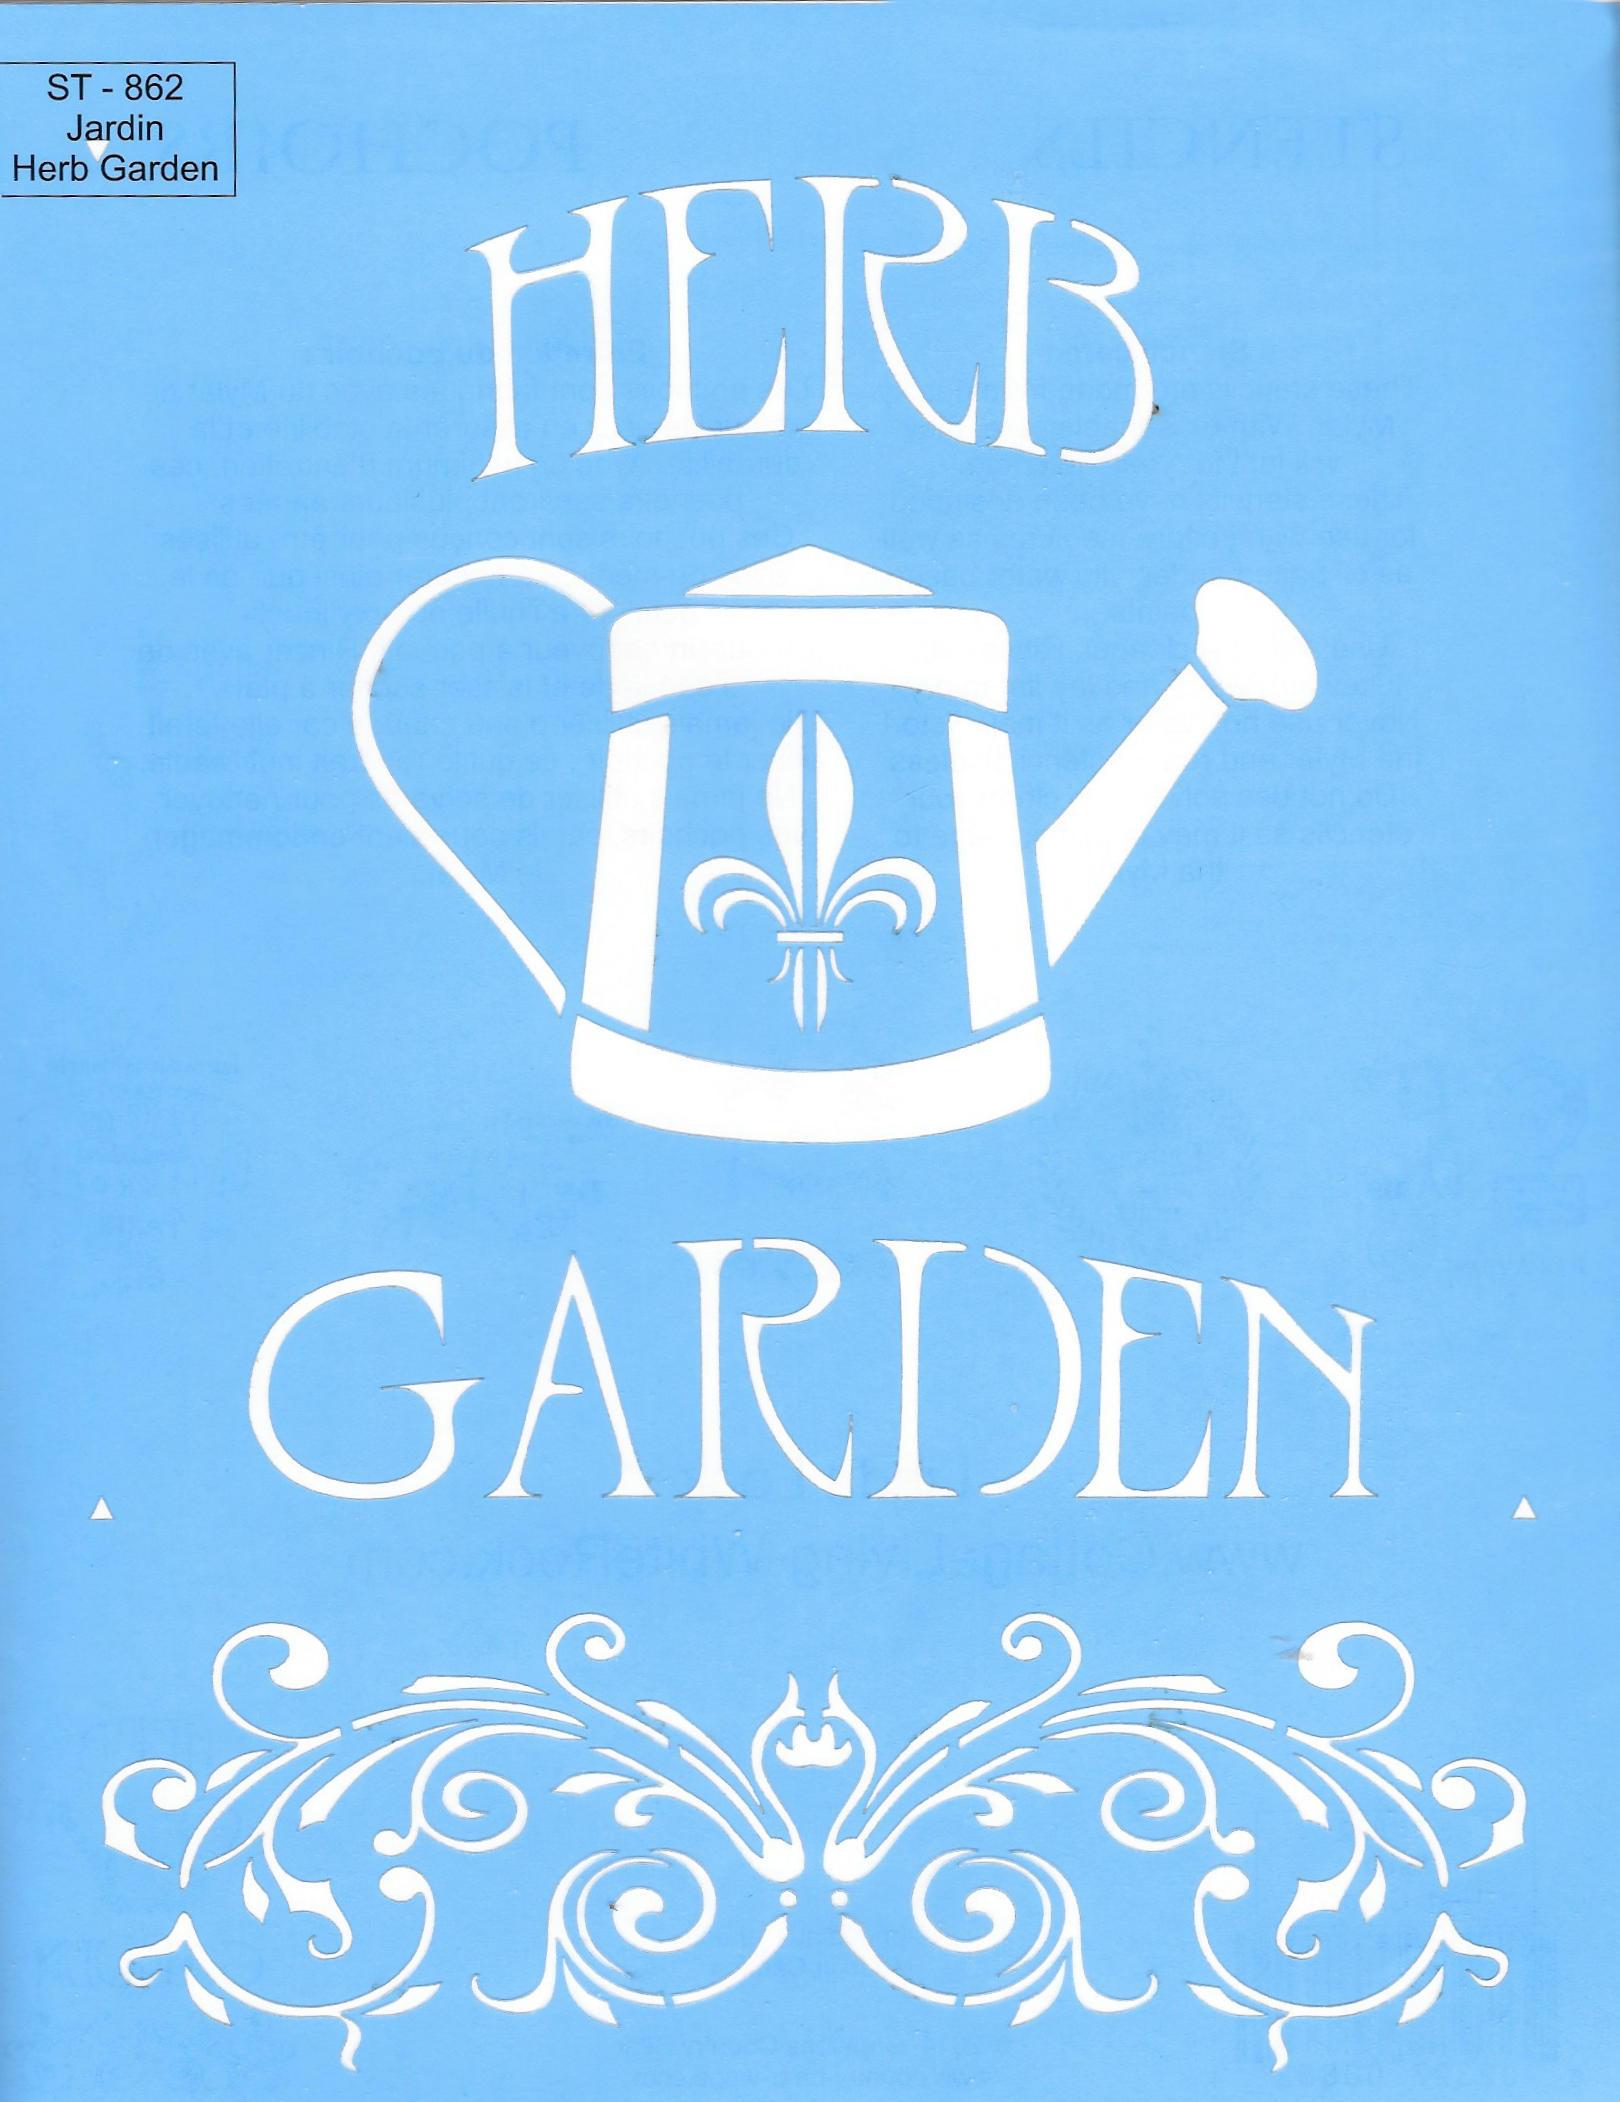 st-862-herb-garden.jpg